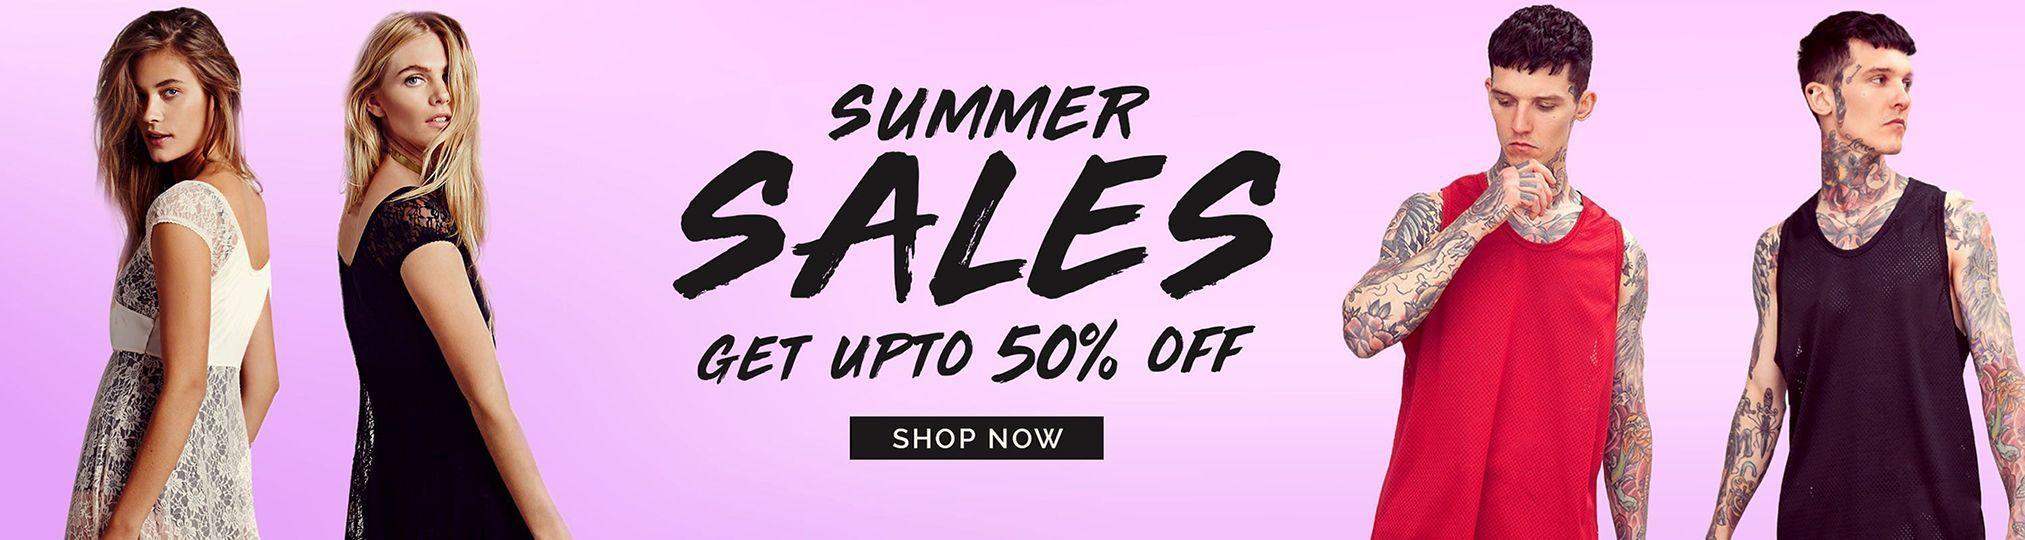 Rebelsmarket end of summer sale